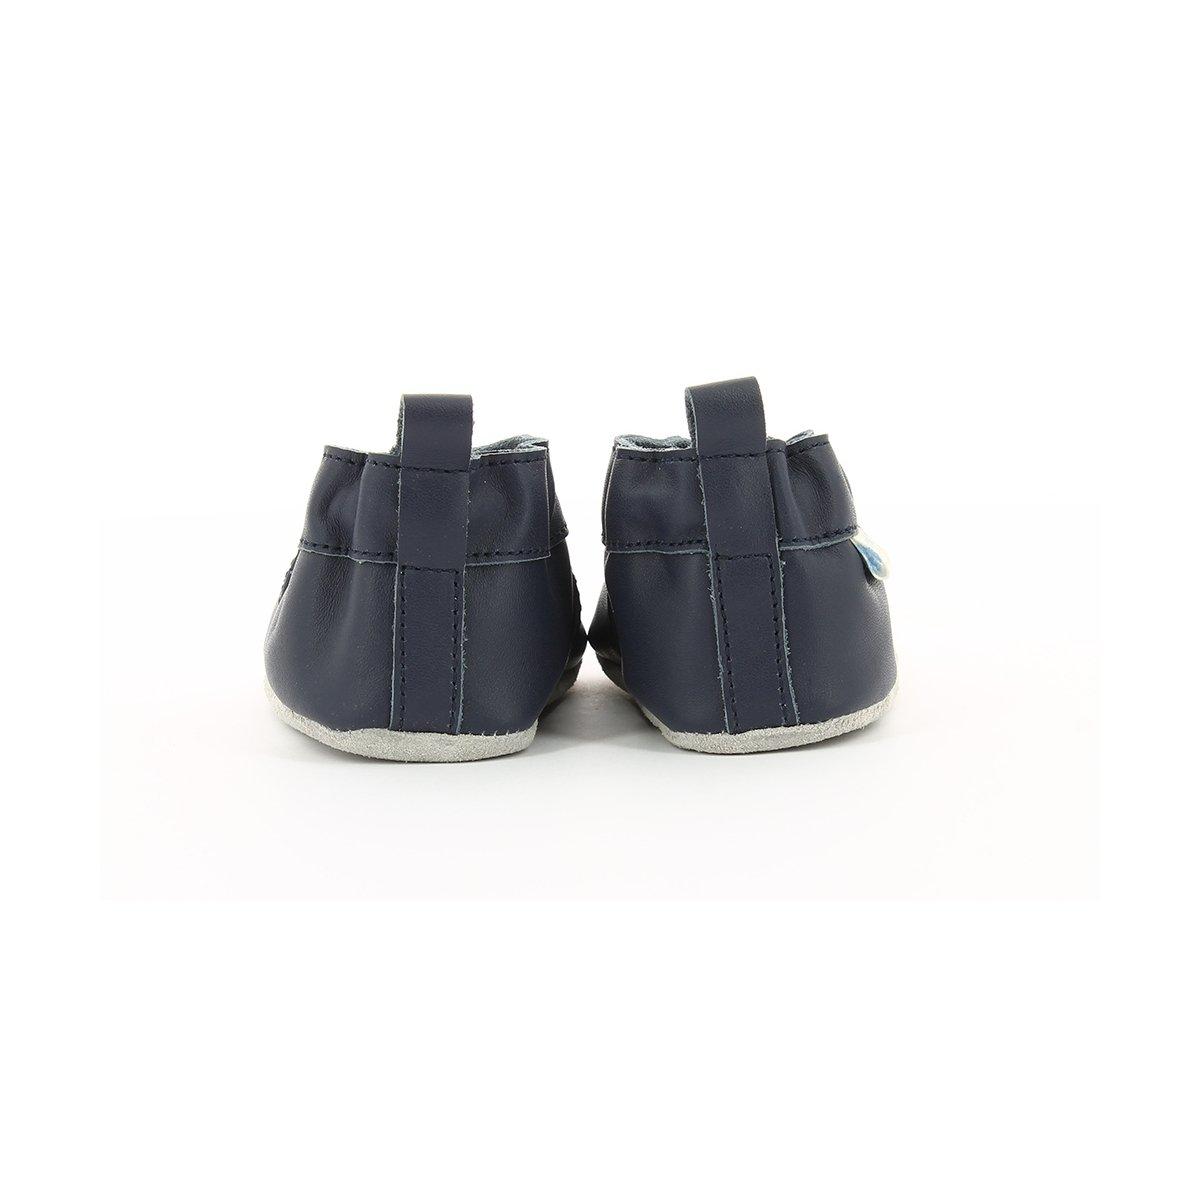 4da45ece Chaussures et Sacs Robeez Chic & Smart Chaussons Mixte bébé Chaussons Mixte  bébé 566080-10